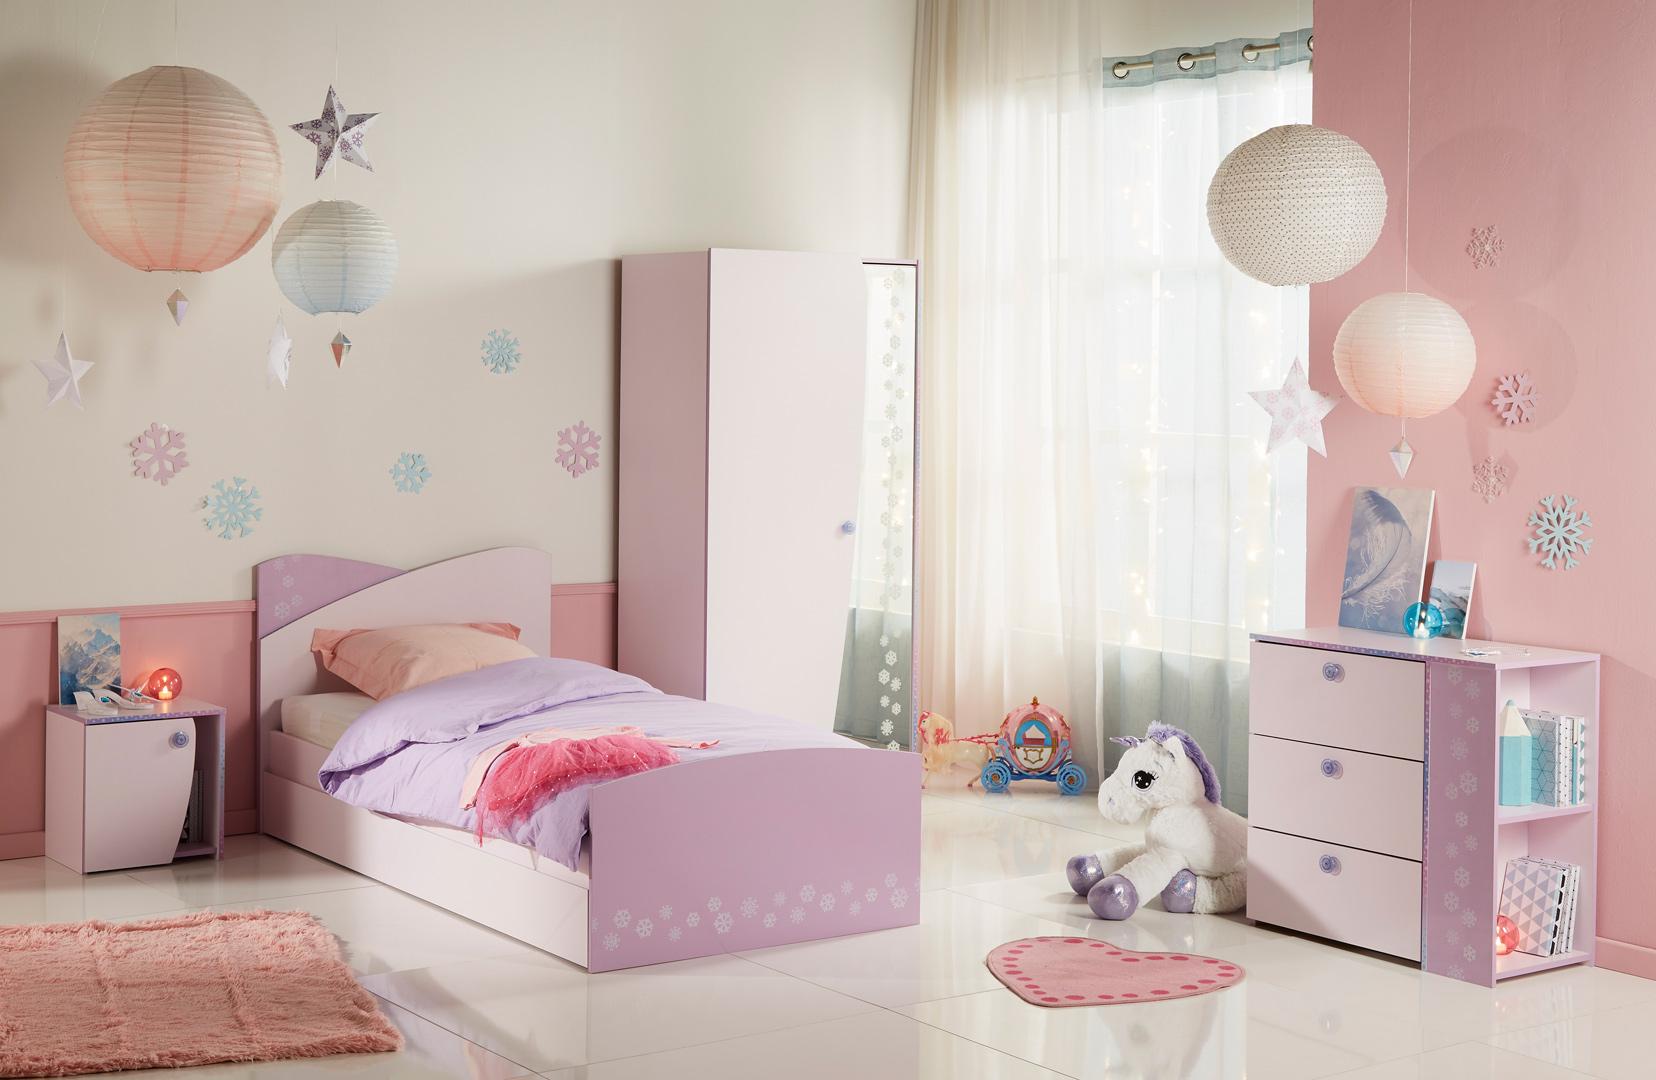 Chambre enfant contemporaine coloris rose/lilas Flocon | Matelpro